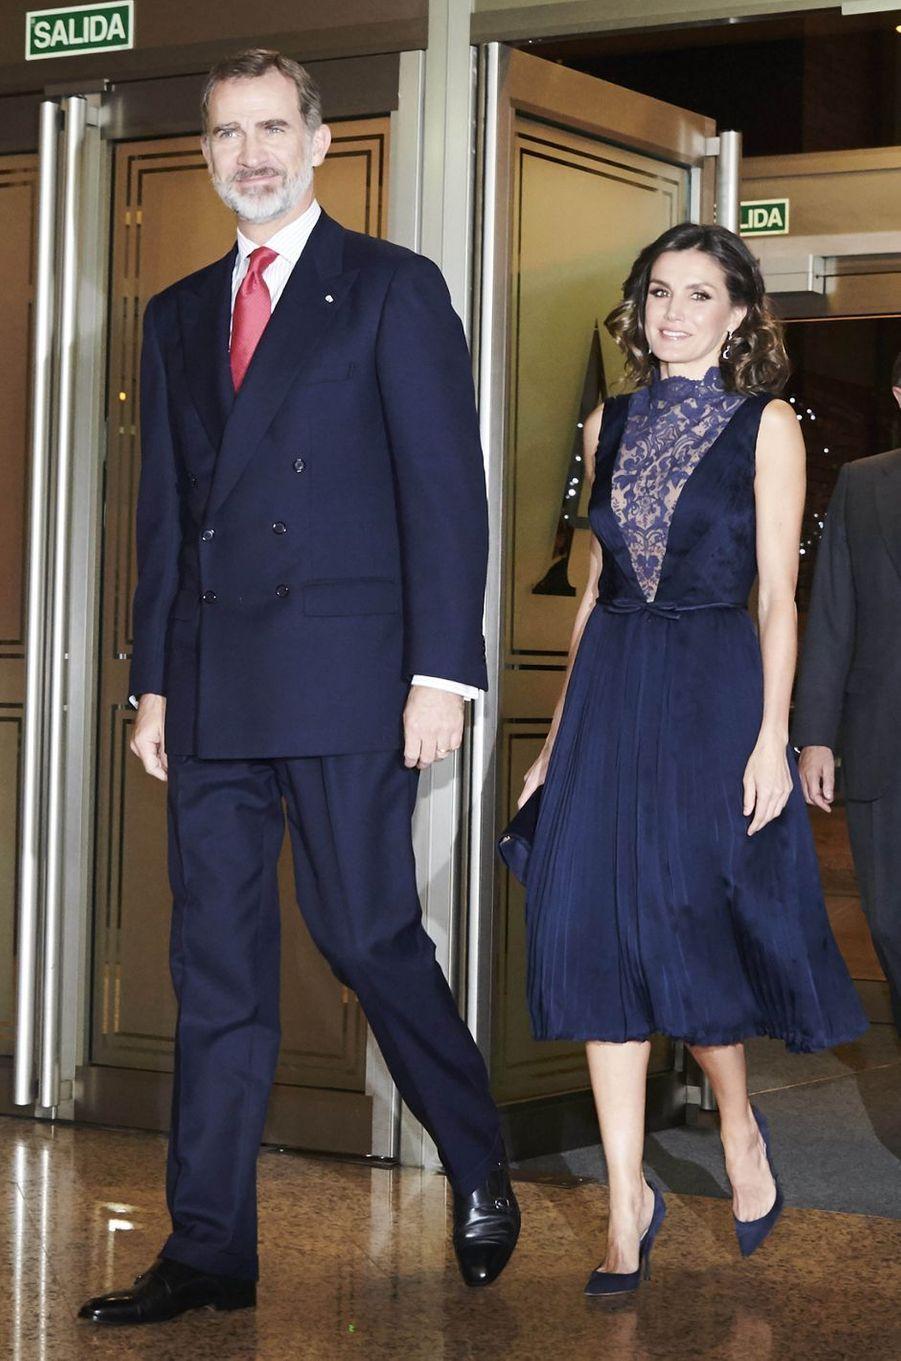 La reine Letizia et le roi Felipe VI d'Espagne à l'Auditorium national à Madrid, le 5 décembre 2018